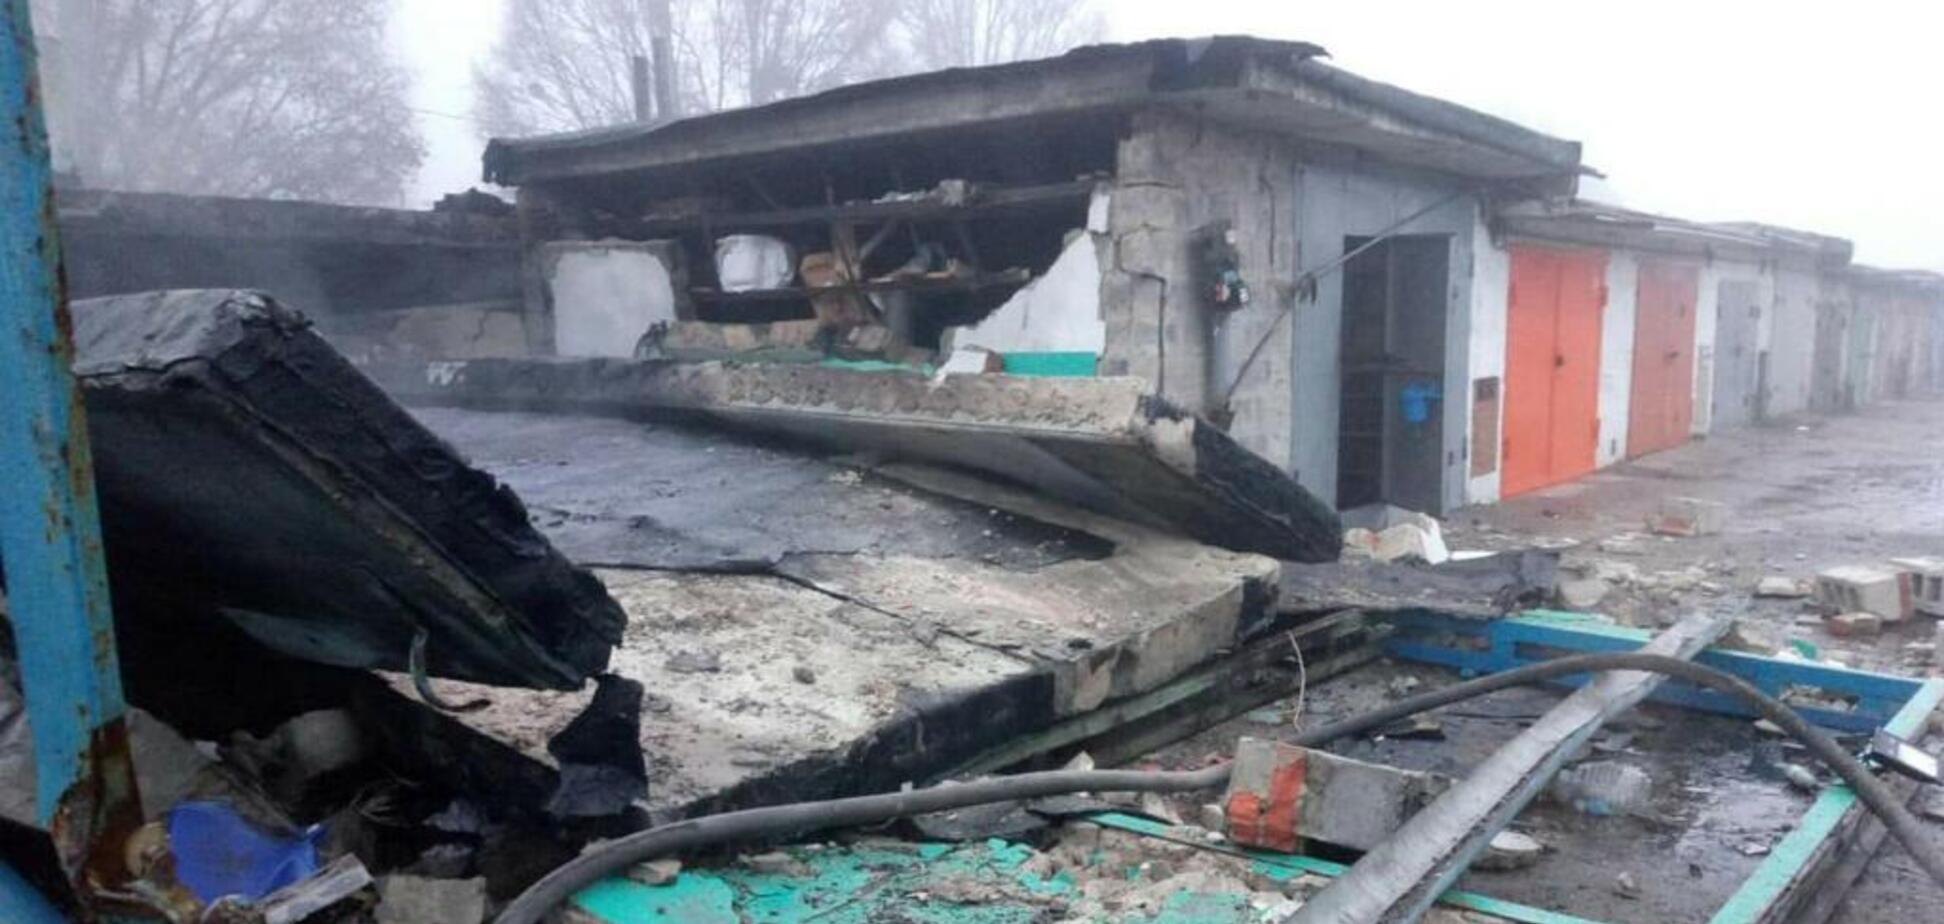 У Харкові прогримів потужний вибух: багато жертв. Фото